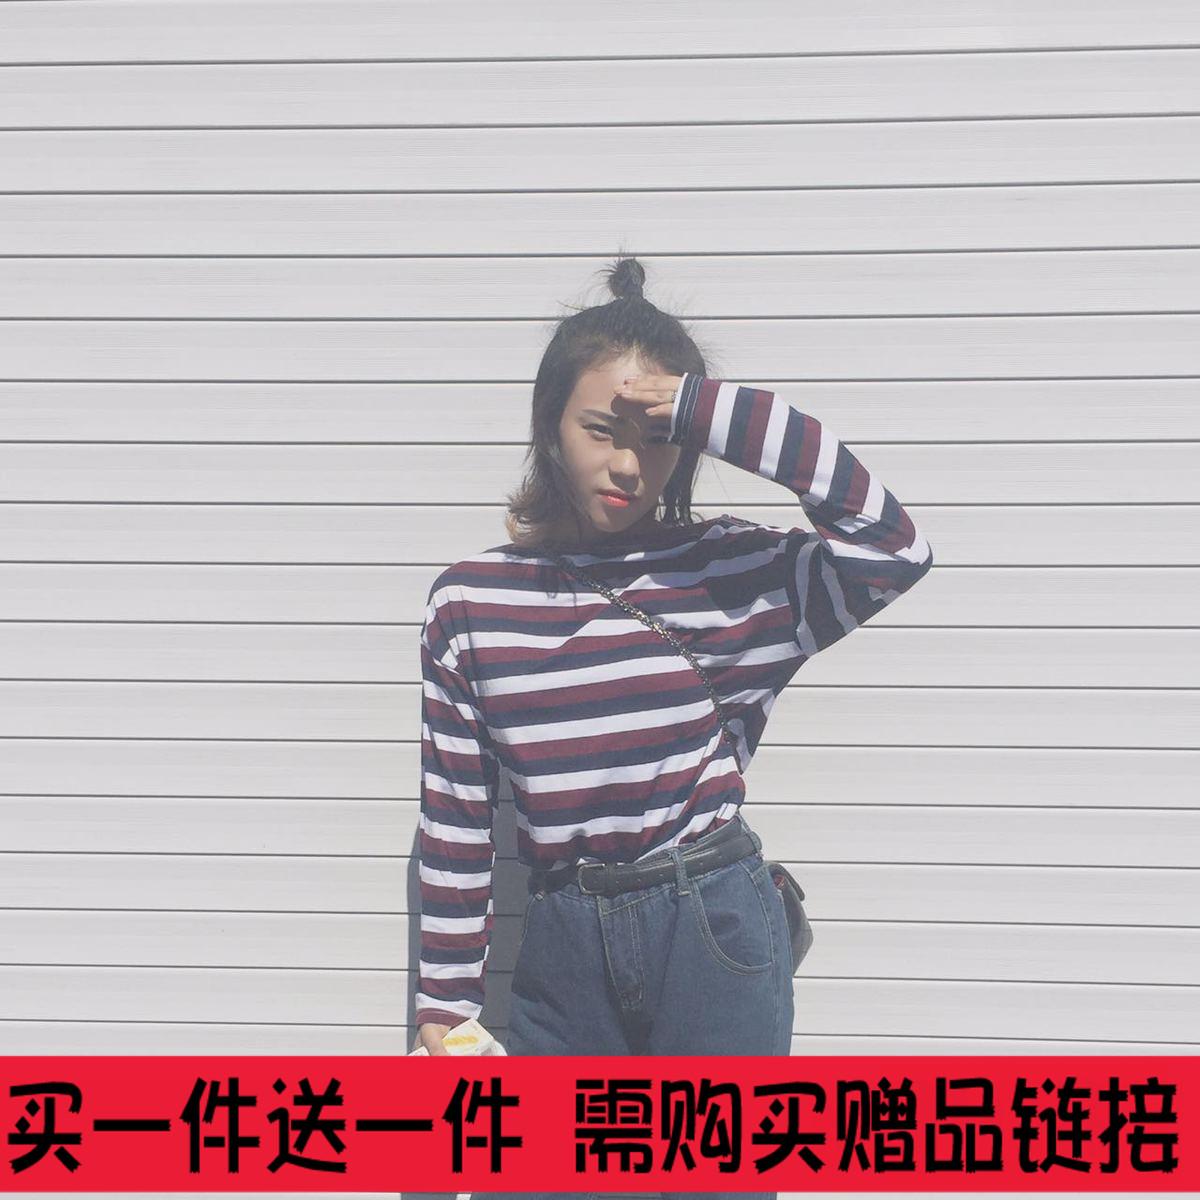 彩色条纹t恤 复古港风韩国chic经典彩色条纹一字领宽松显瘦长袖T恤衫女上衣潮_推荐淘宝好看的女彩色条纹t恤